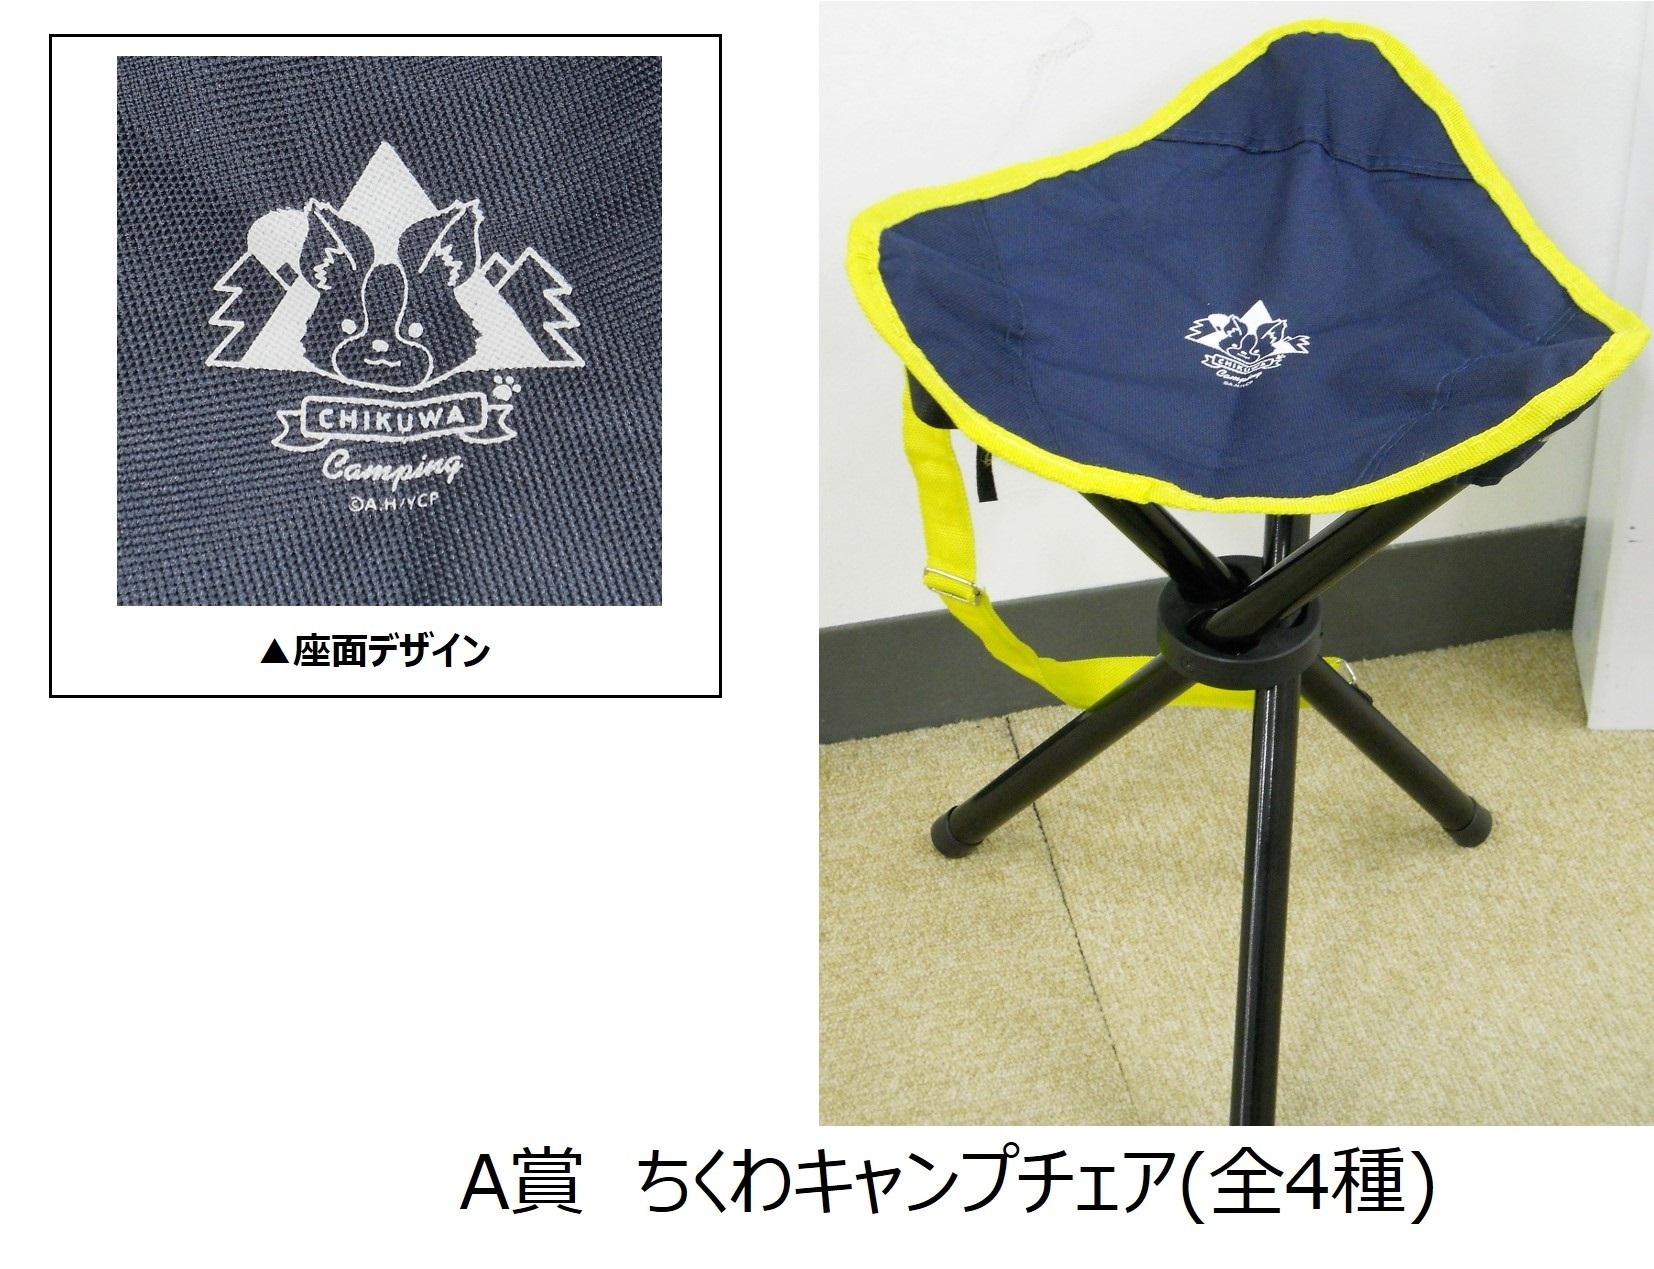 『野クルガラポン』A賞ちくわキャンプチェア(全4種)